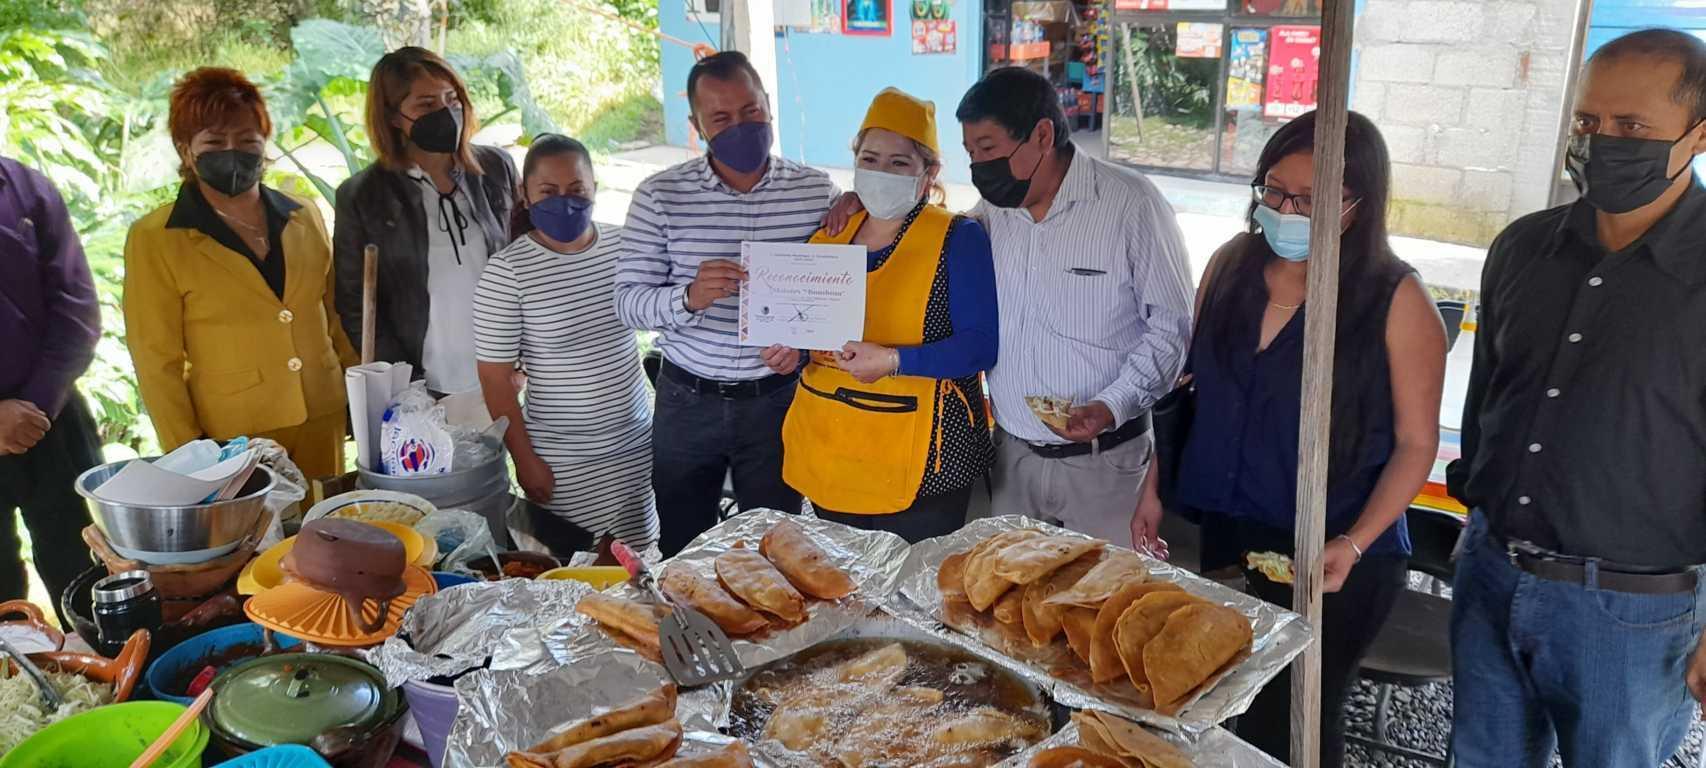 El molote ha dado identidad gastronómica a Xicohtzinco, resalta Barroso